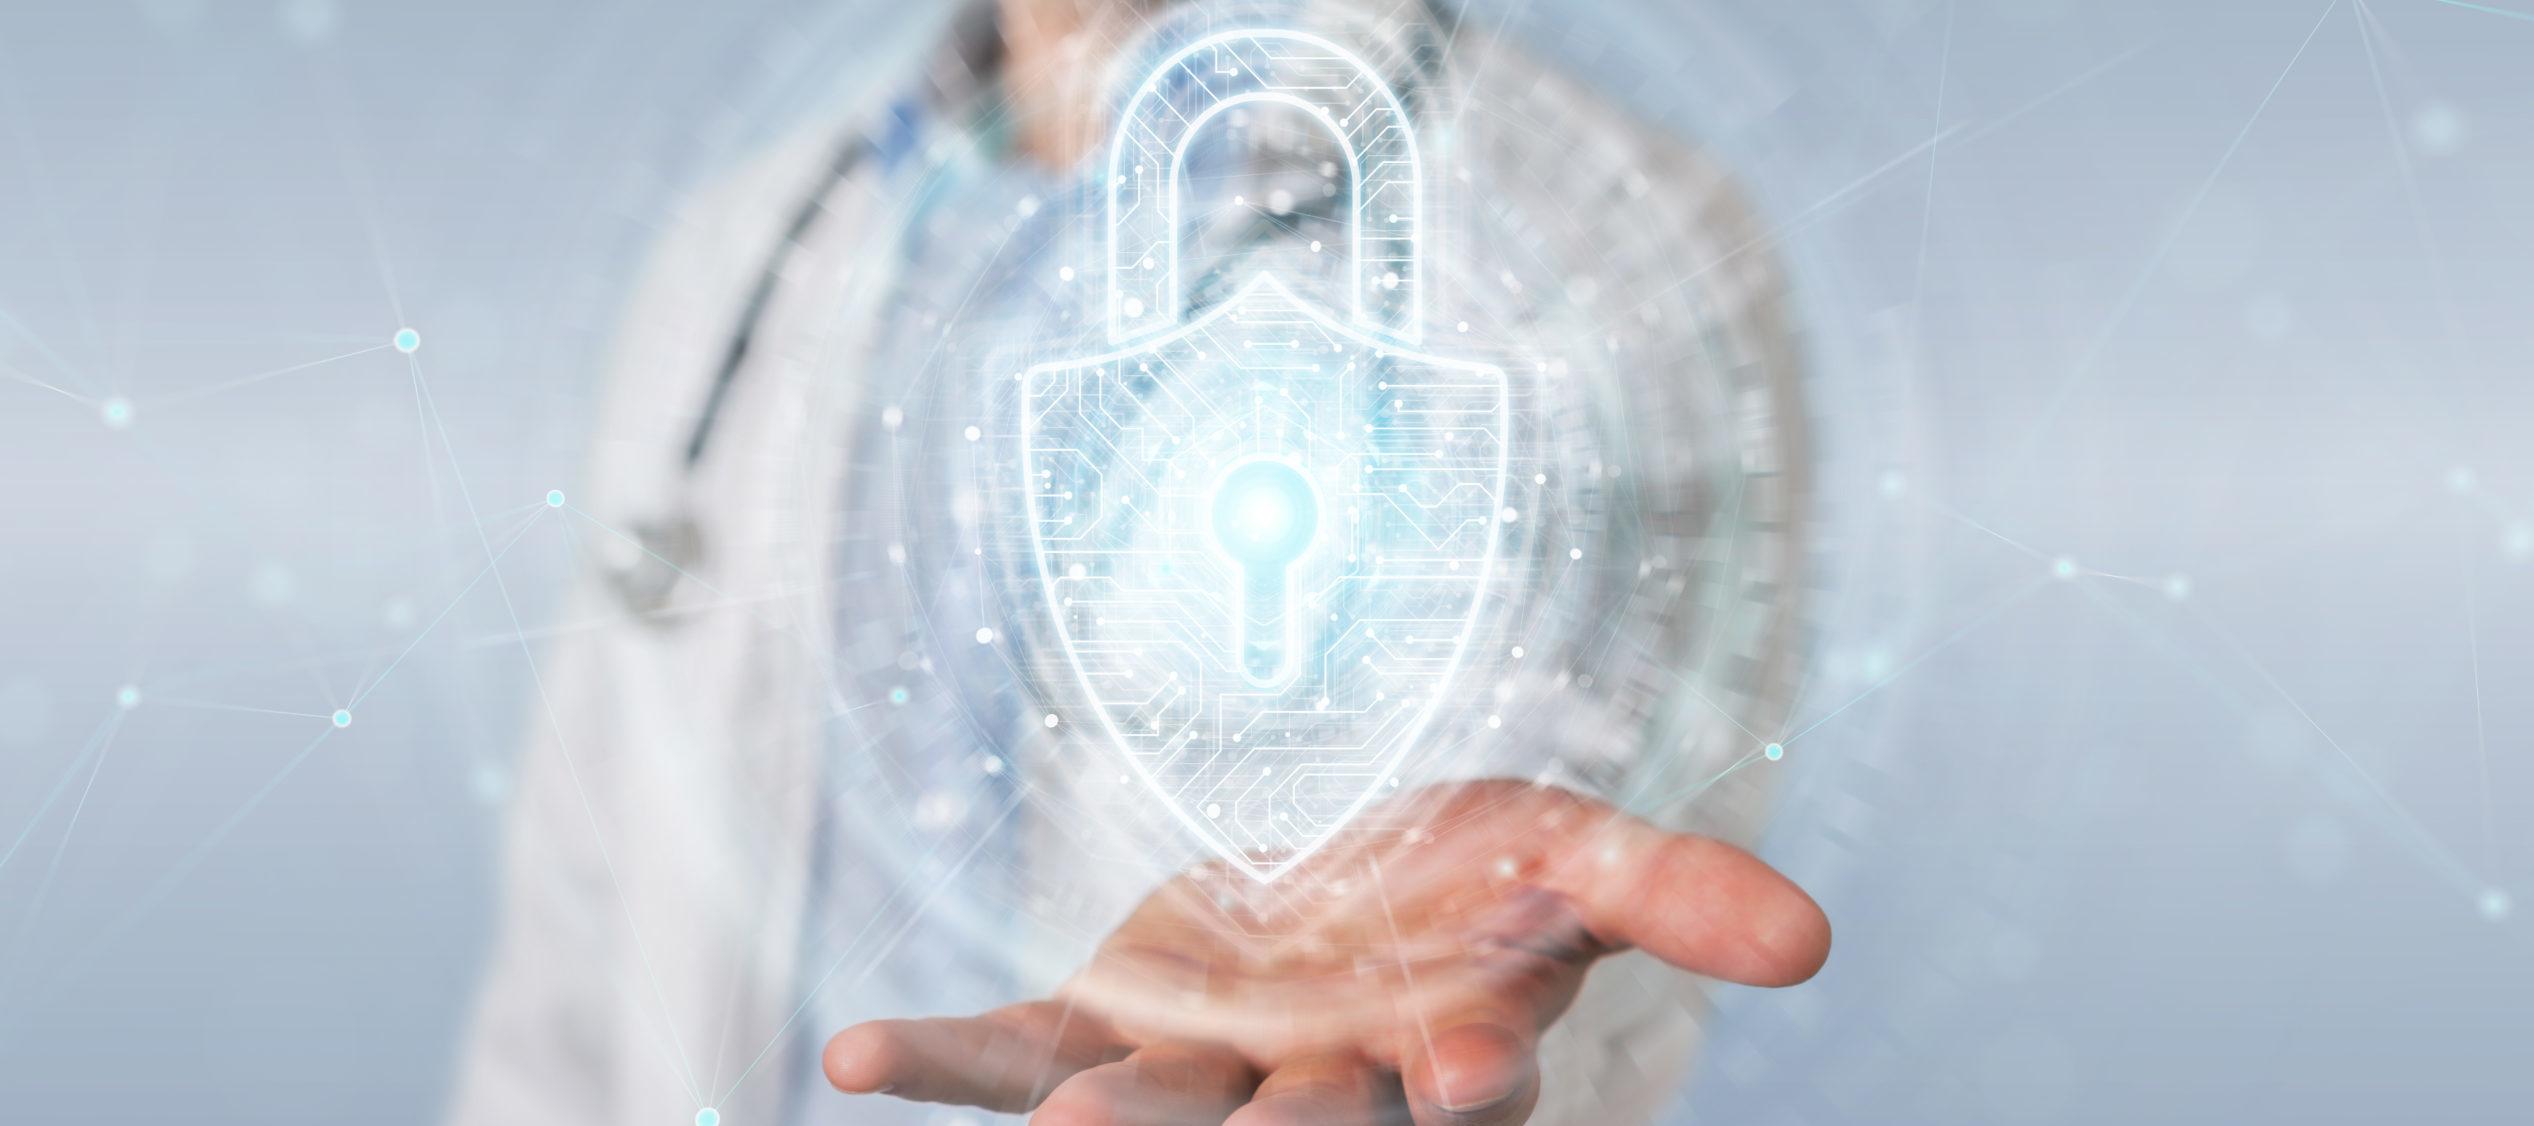 Umsetzung der KBV IT-Sicherheitsrichtlinie